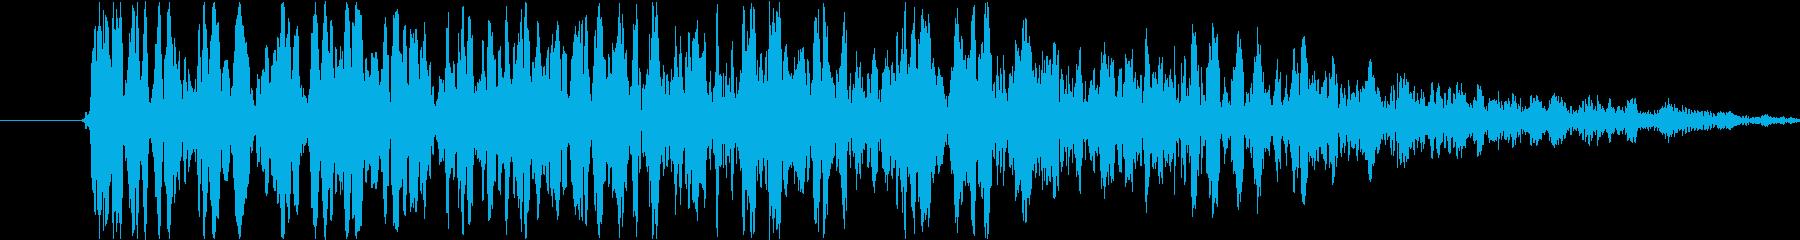 ヘビーローインパクトアンドウーッシ...の再生済みの波形